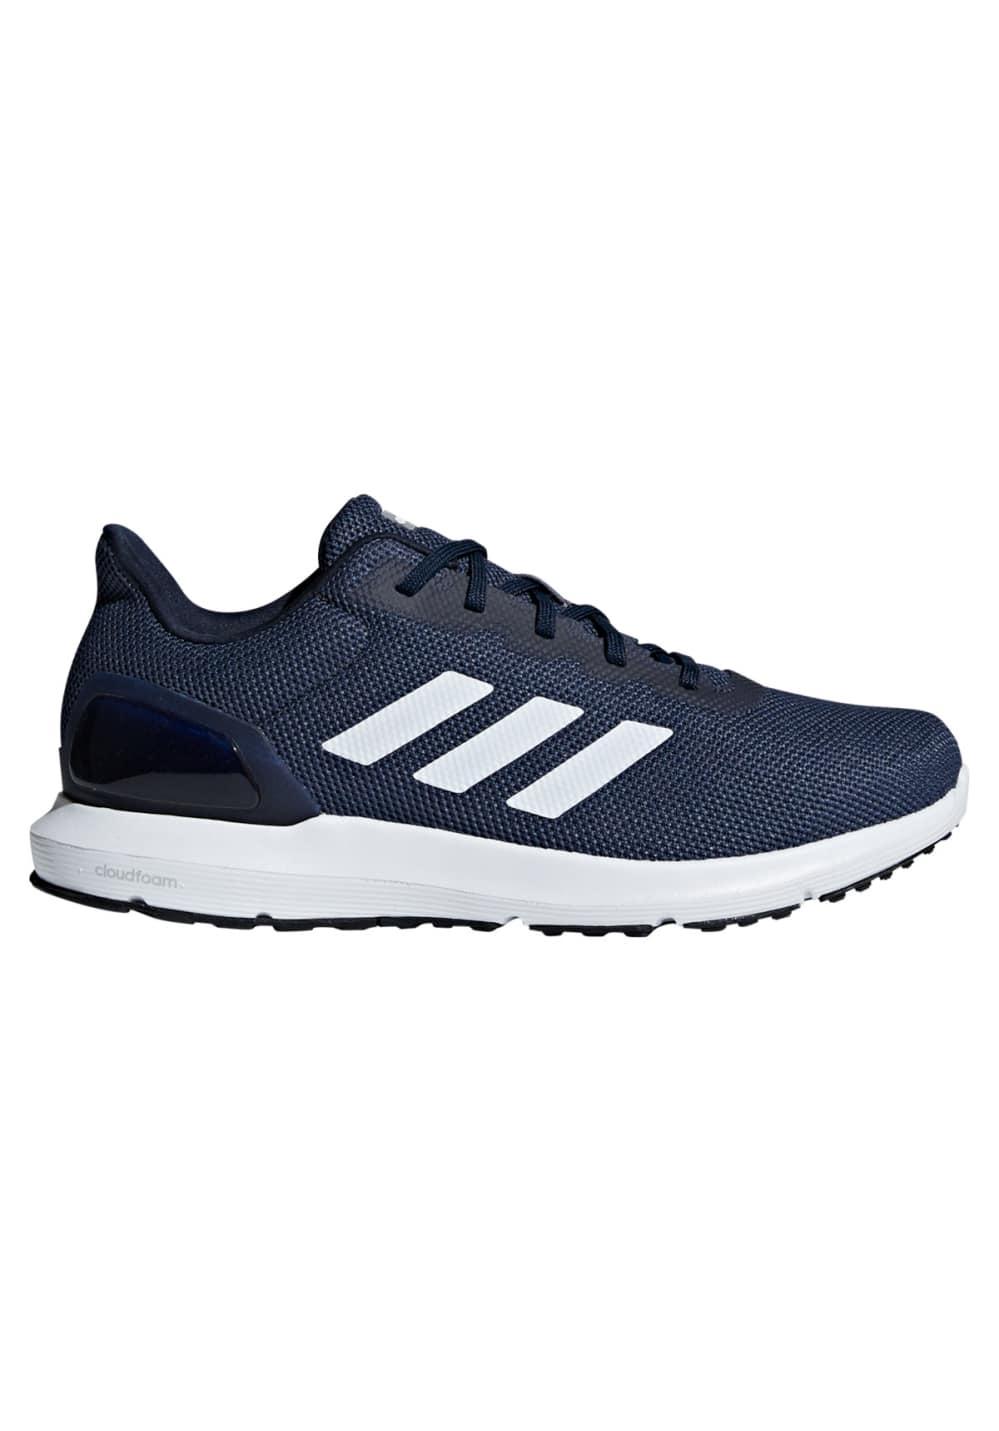 adidas Cosmic 2 - Laufschuhe für Herren - Blau